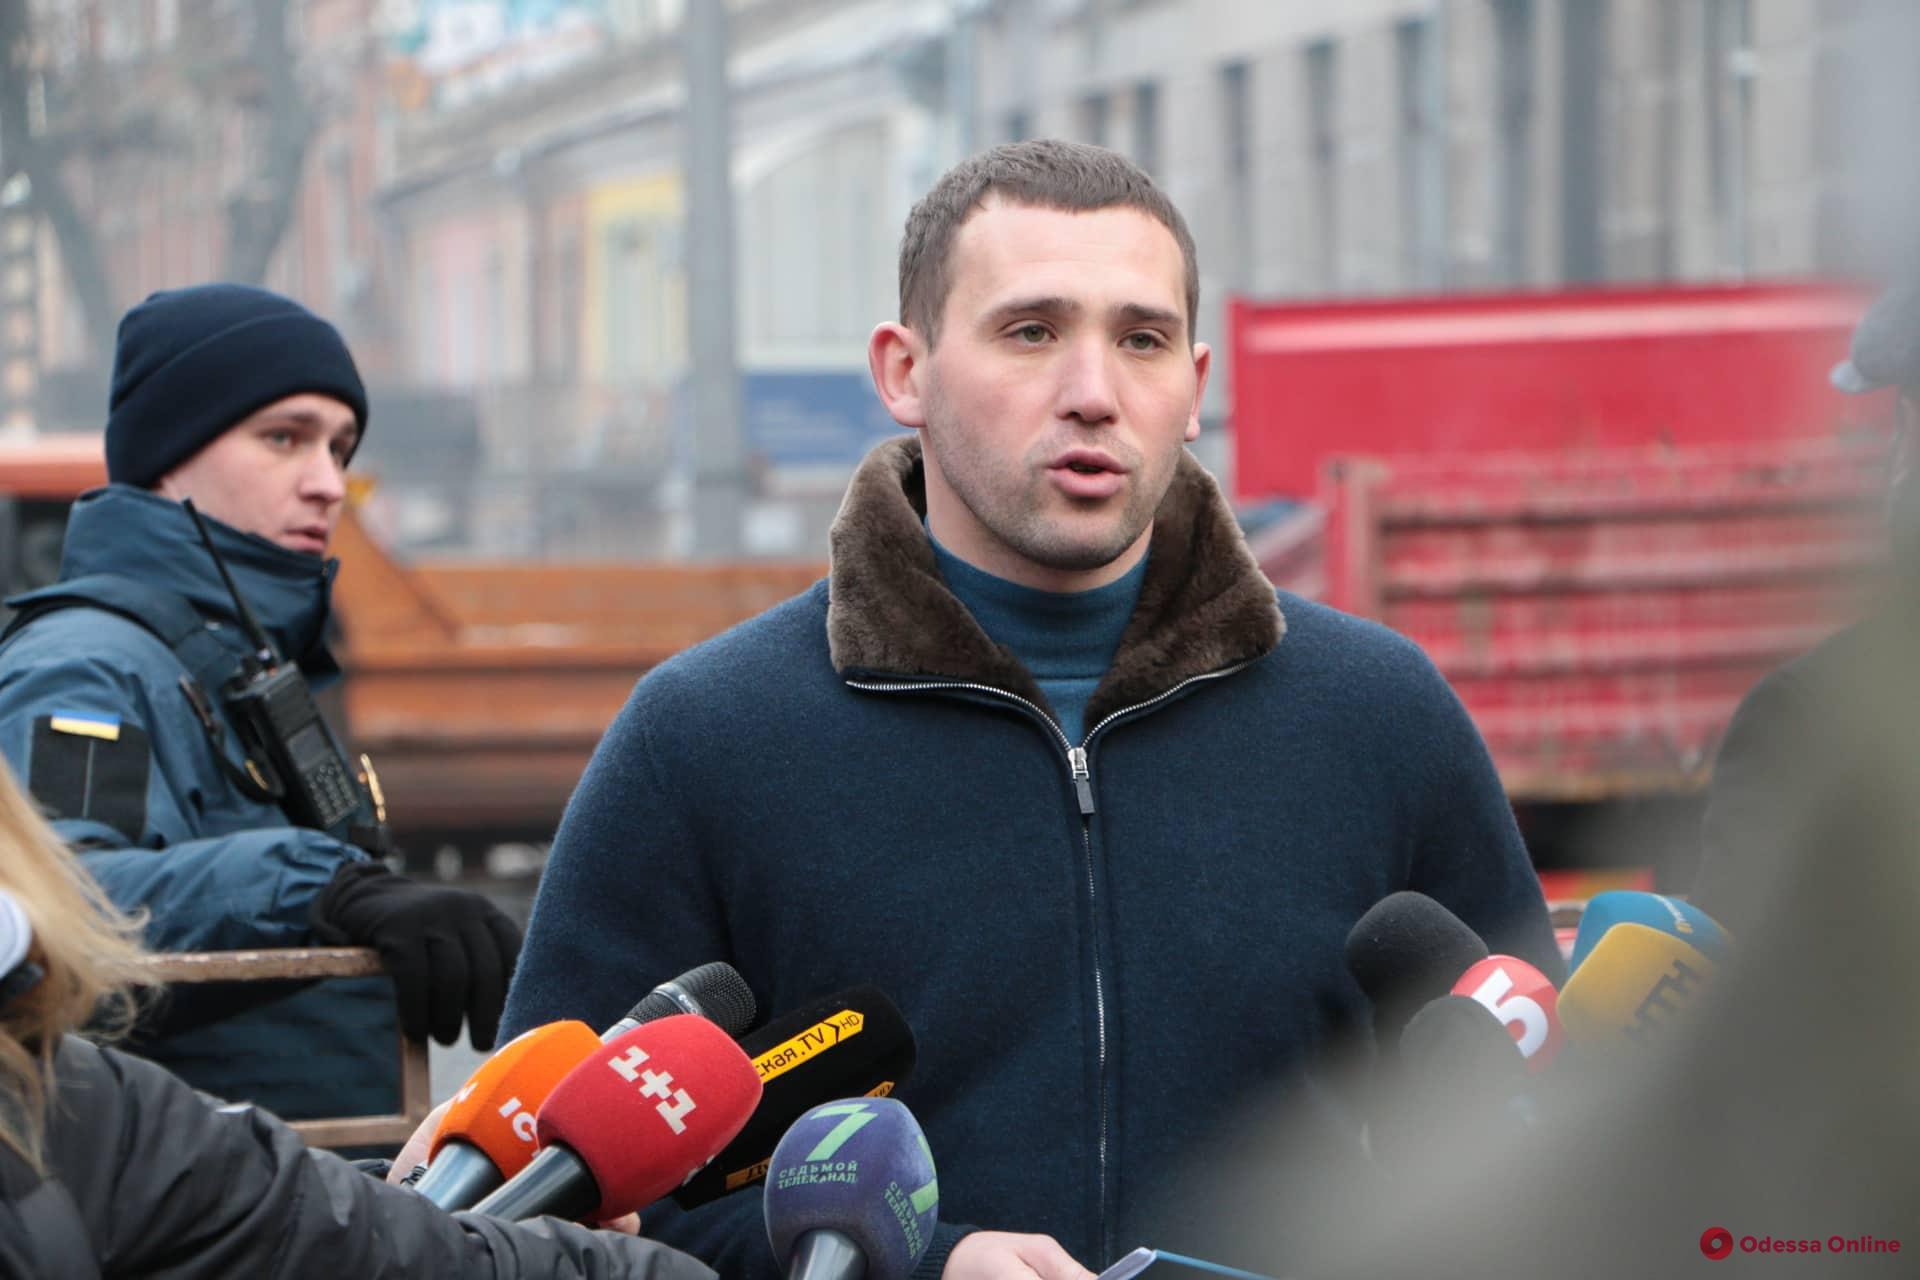 В деле о трагическом пожаре на Троицкой появились первые подозреваемые